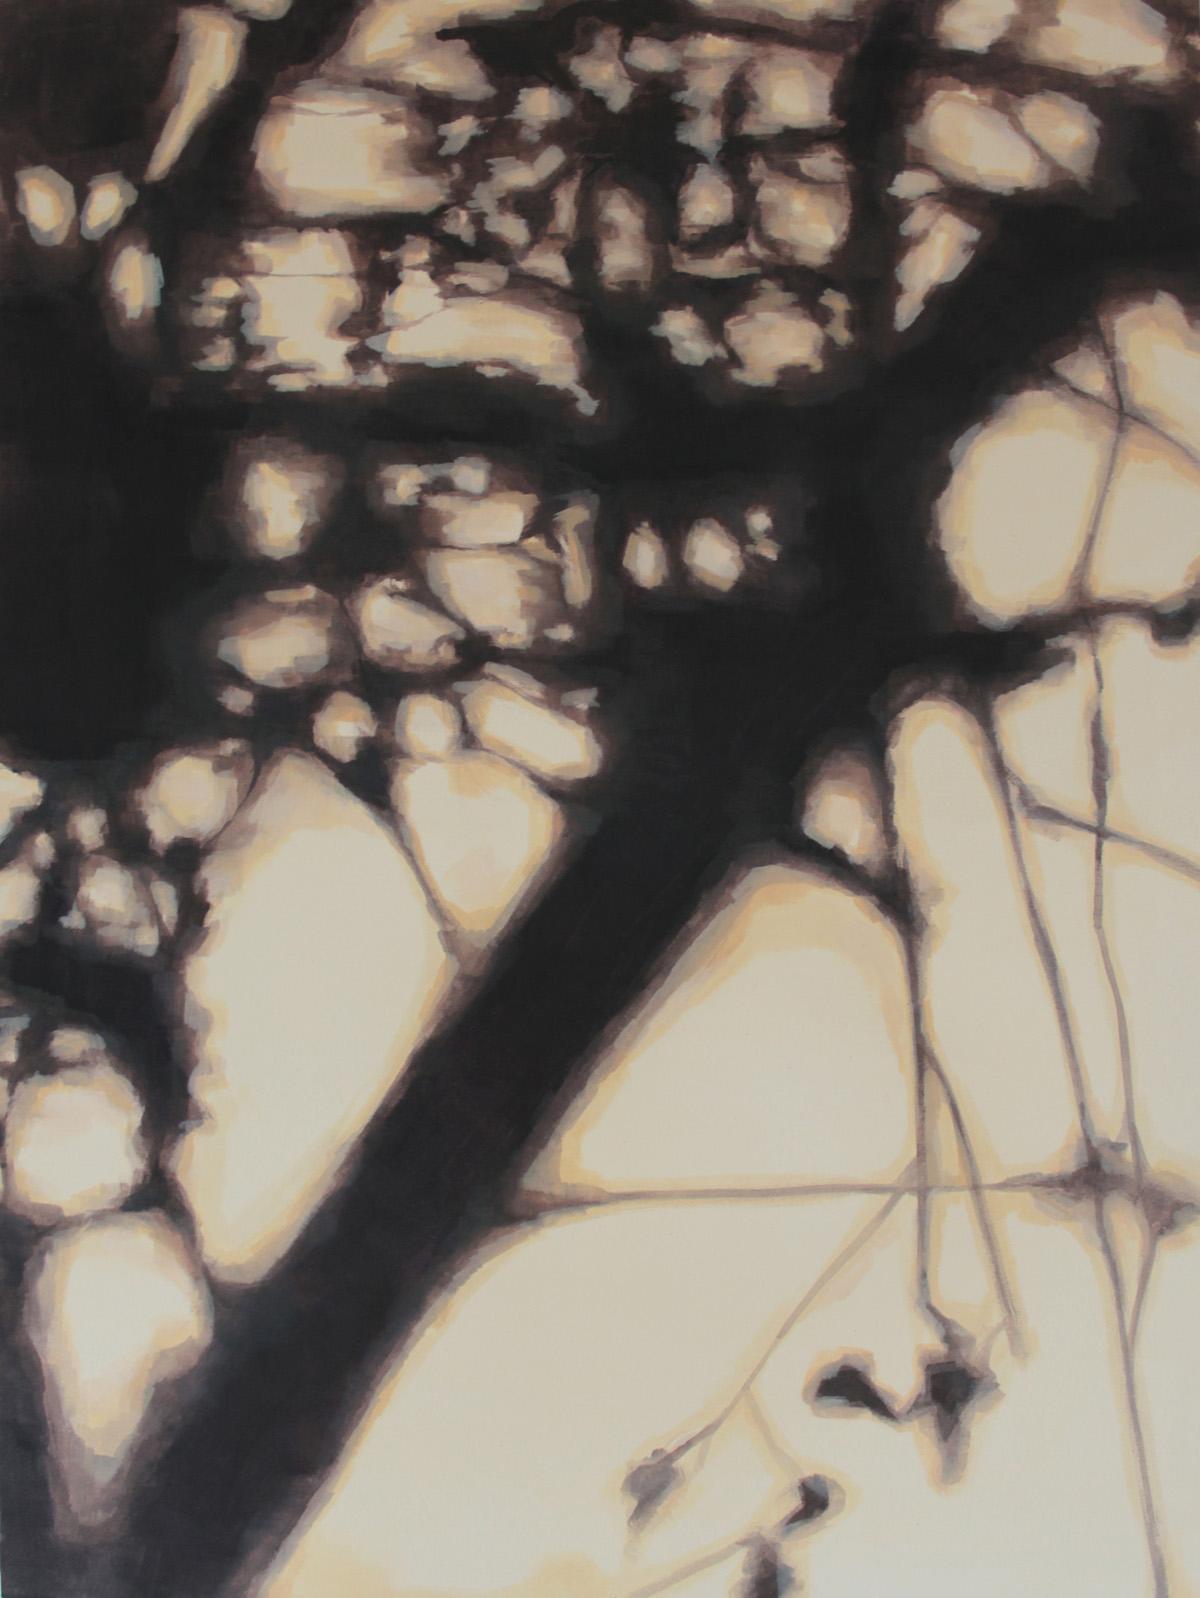 Sin título III. Mixta sobre lienzo, 130 x 97 cm